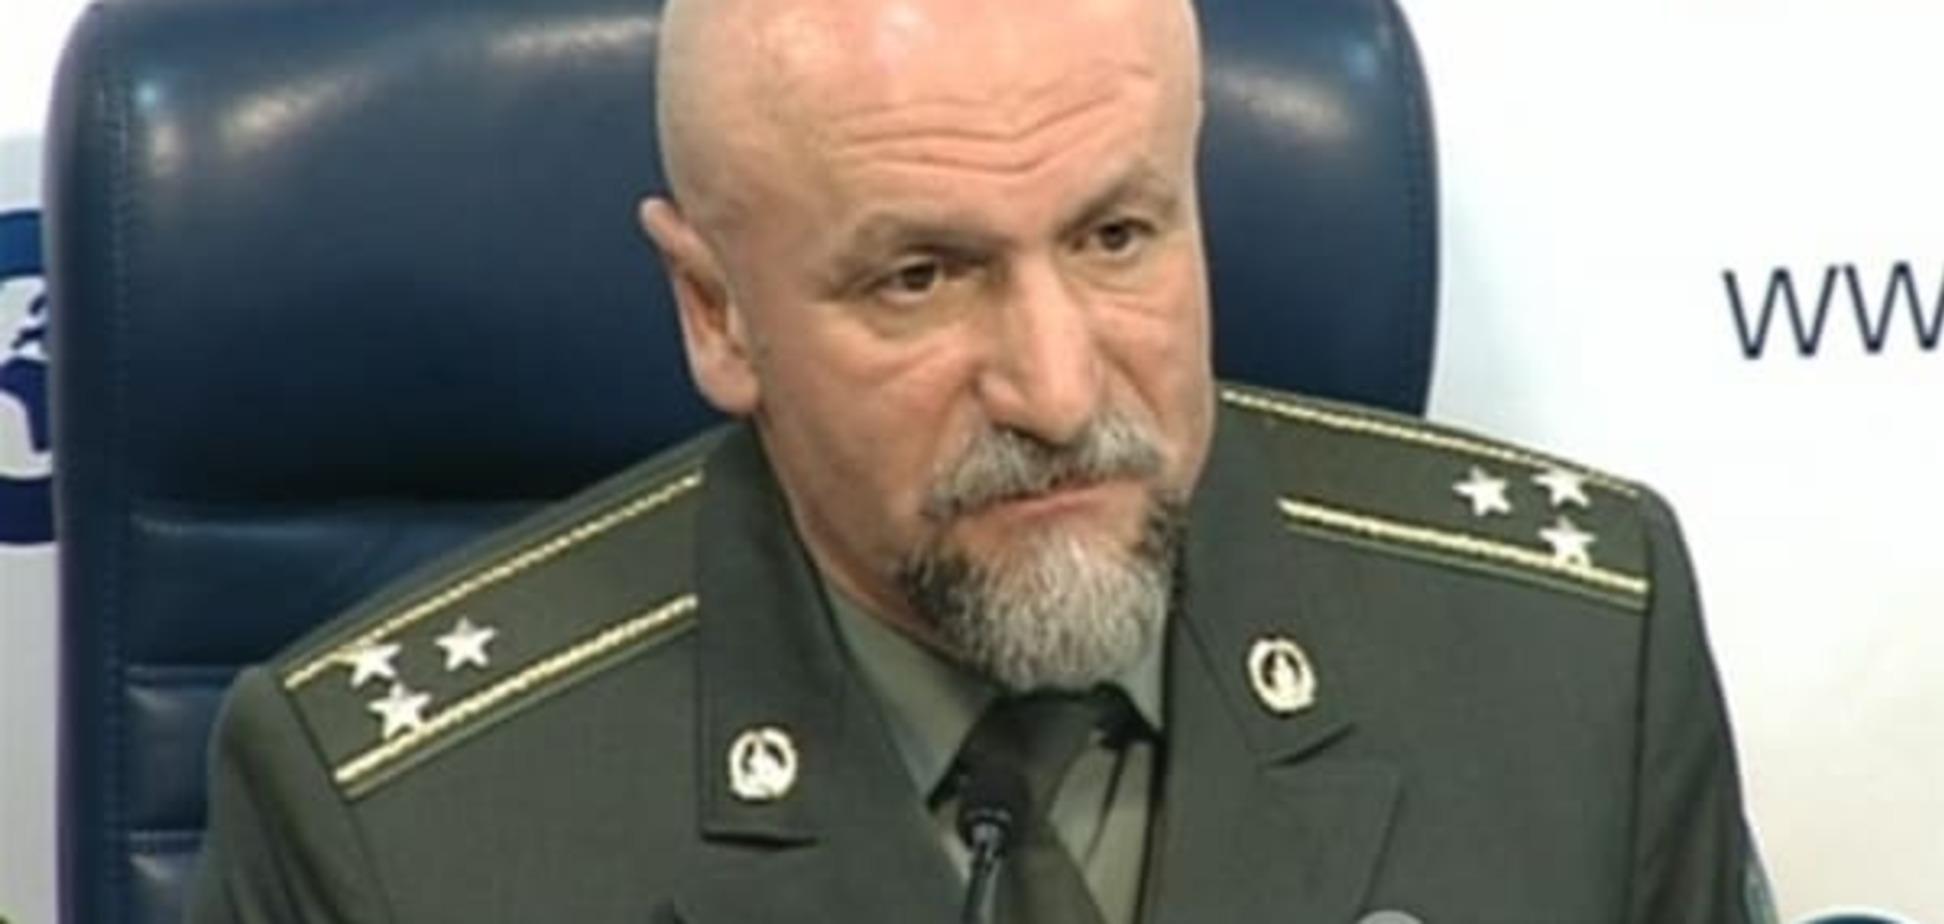 Полковник военной разведки рассказал, что делает российский спецназ в Донецке